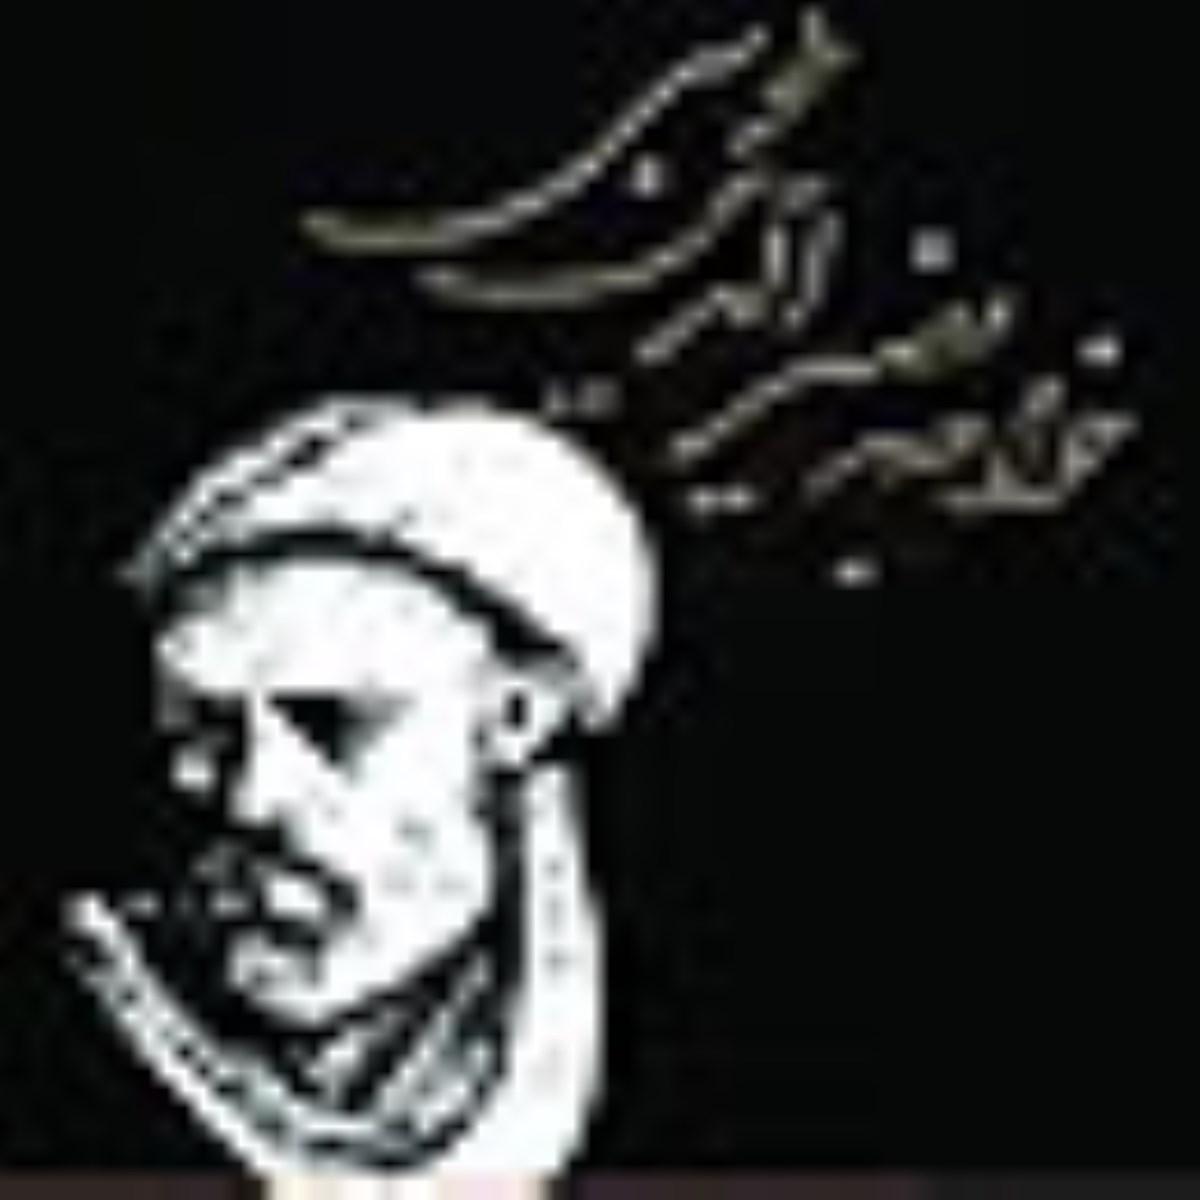 خواجه نصیرالدین طوسی(۶۷۲-۵۹۸)